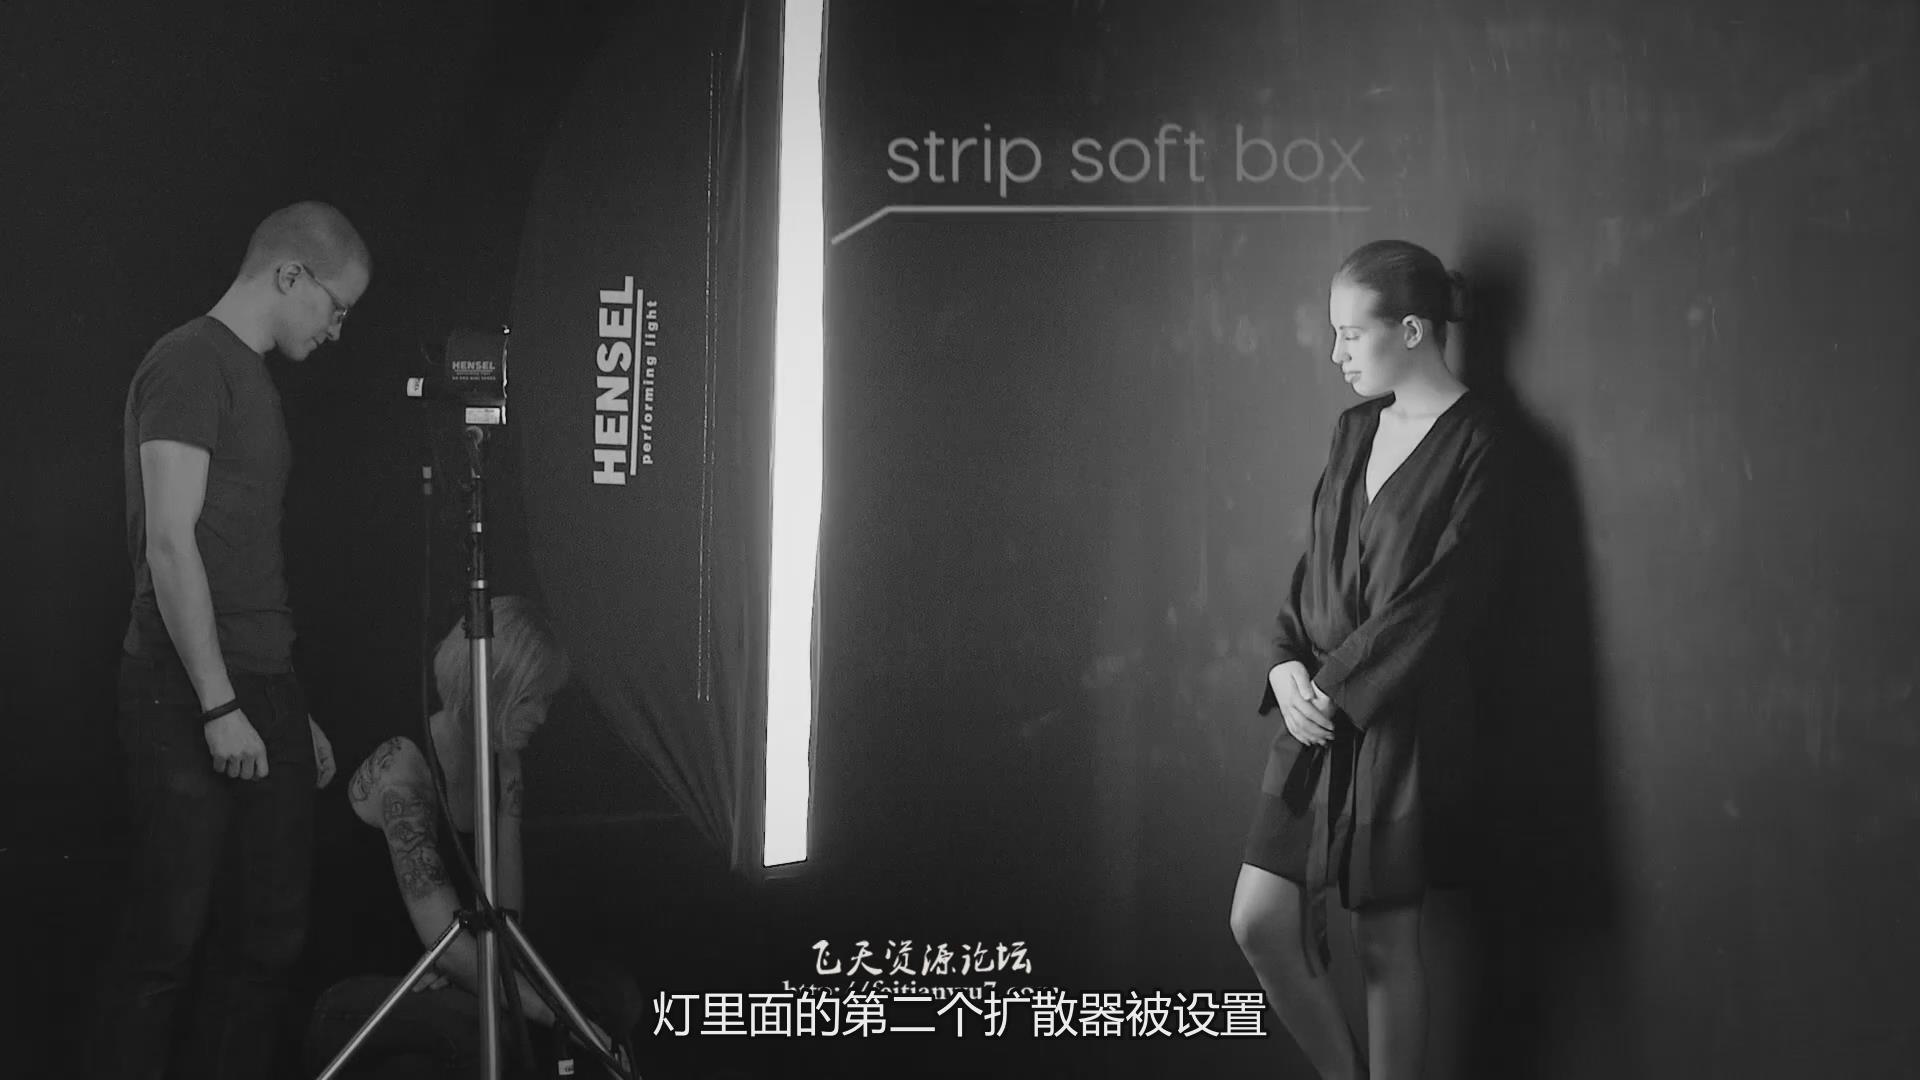 摄影教程_Fstoppers-Andreas H. Bitesnich商业人体私房摄影布光教程(中文字幕) 摄影教程 _预览图5